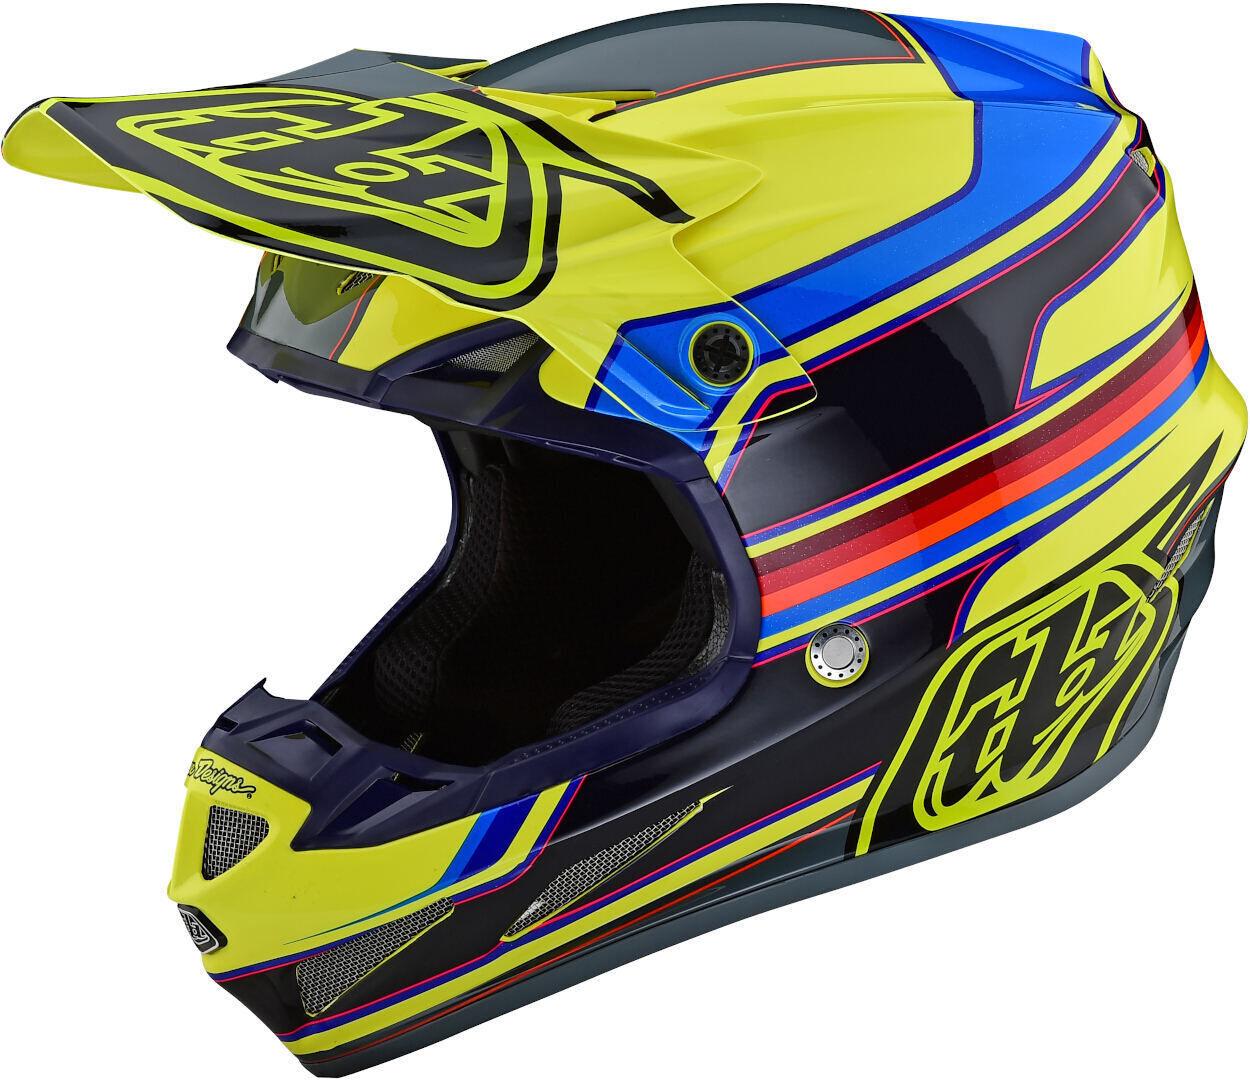 Lee SE4 Speed MIPS Casco motocross